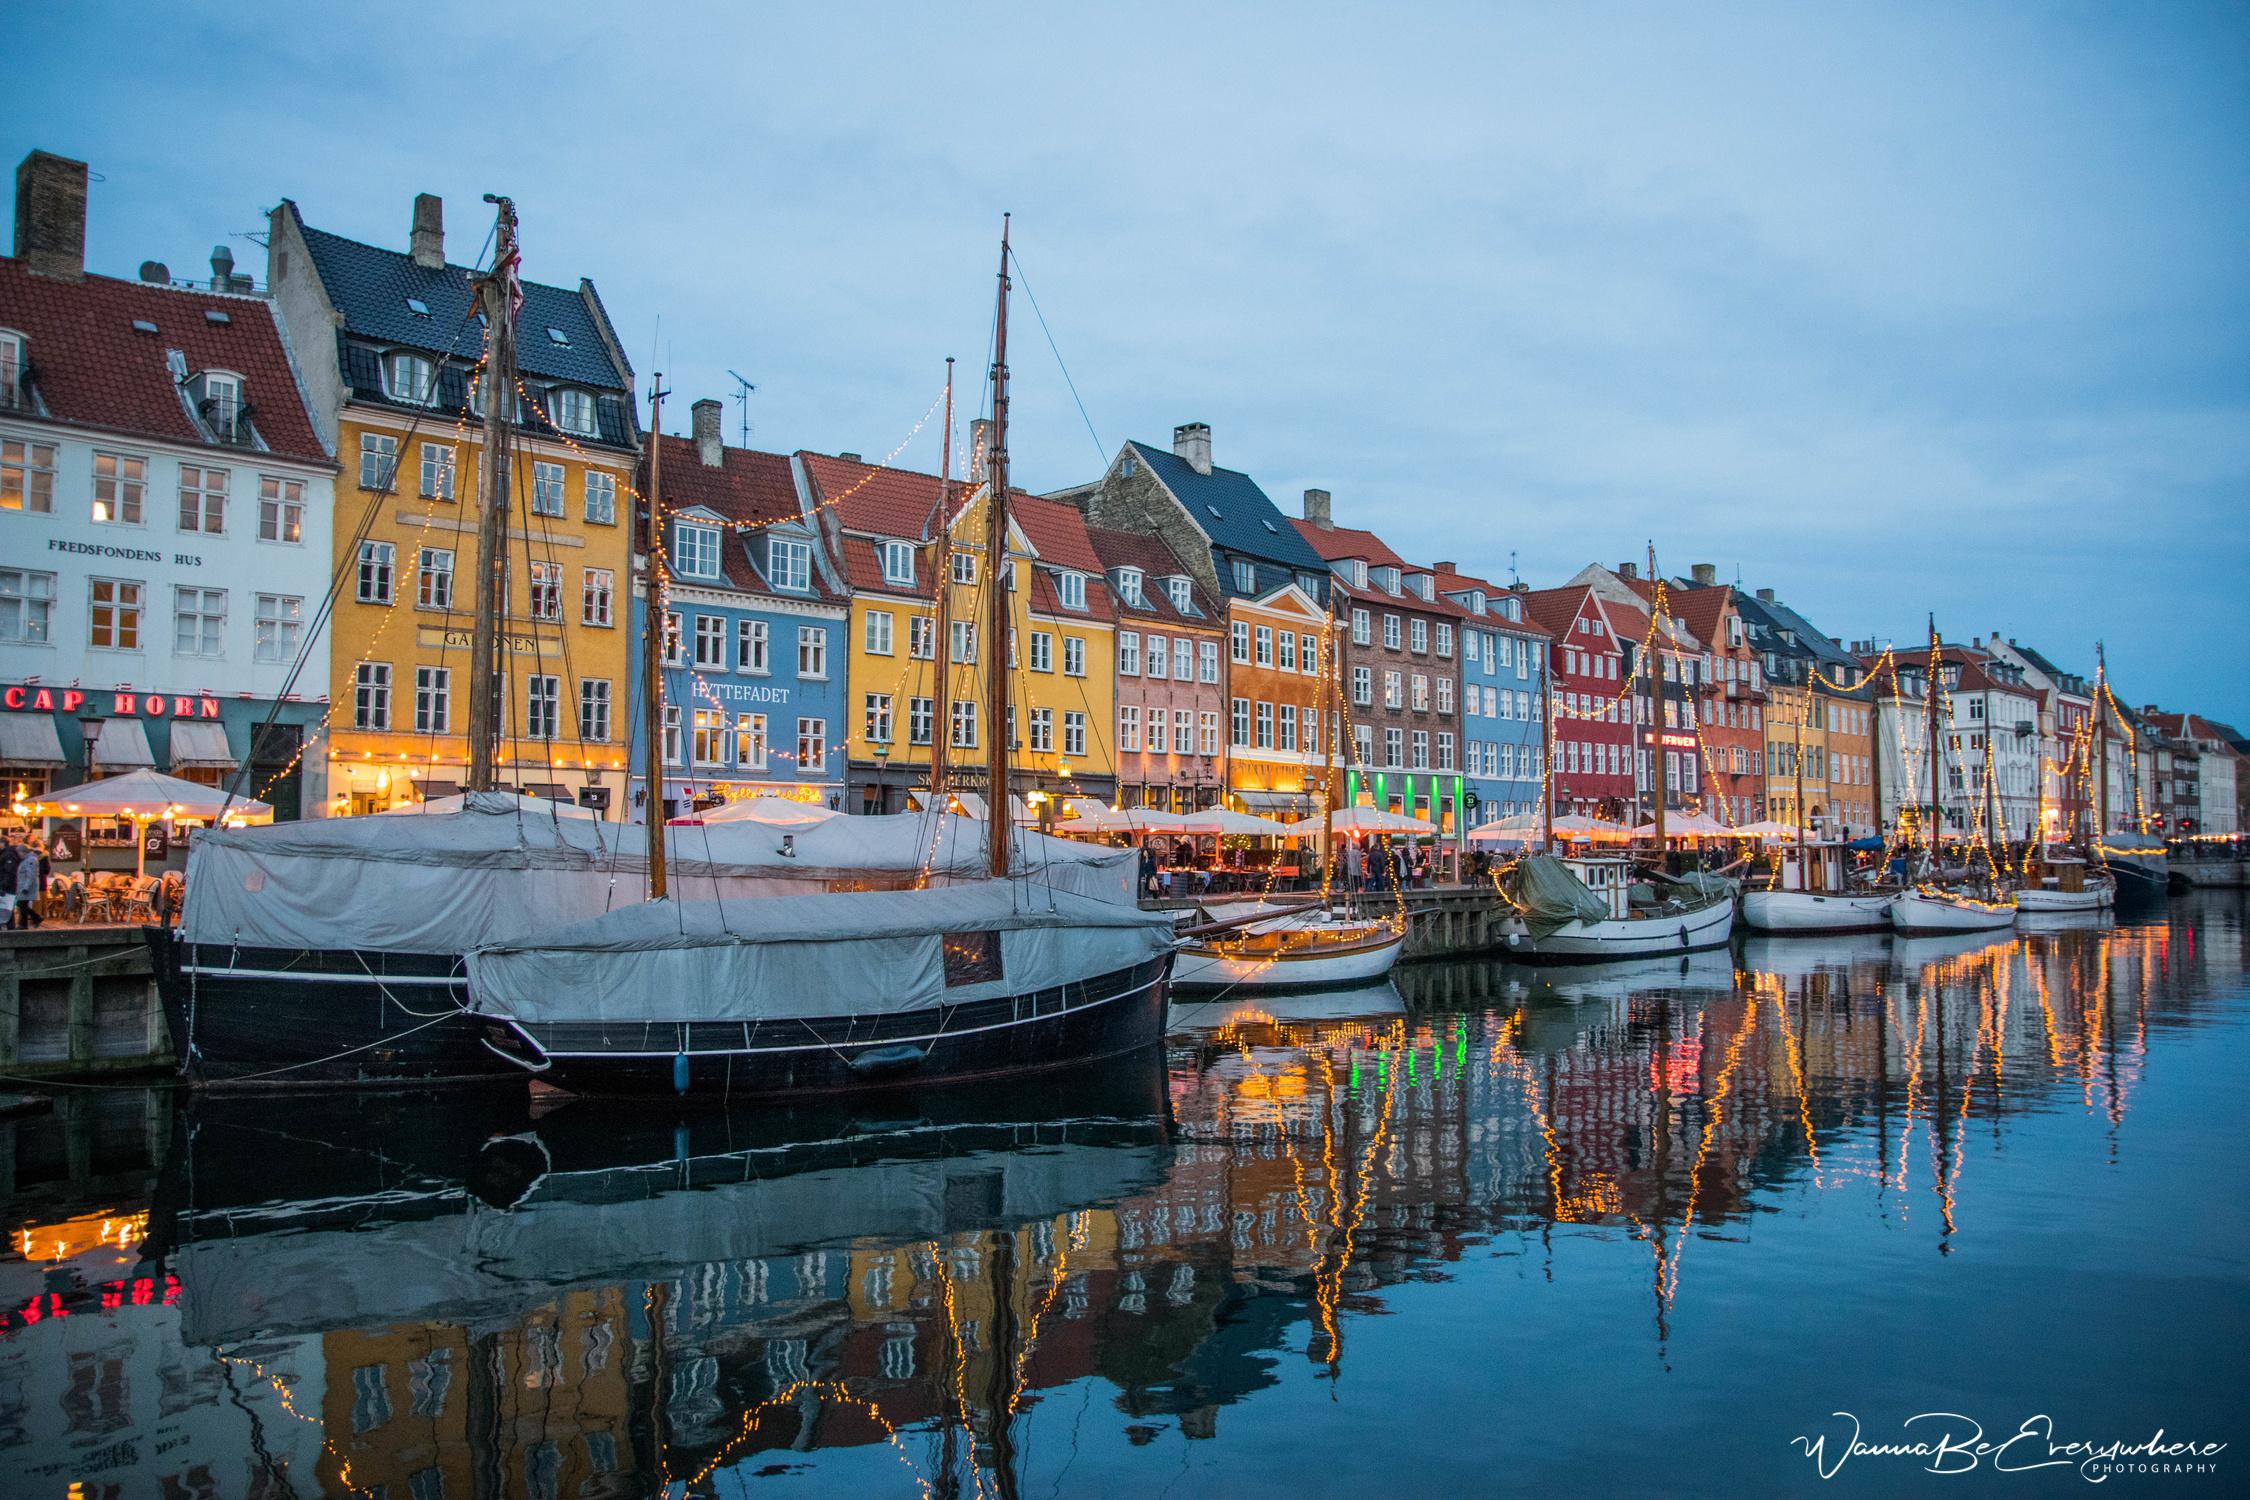 Nyhavn in Denmark